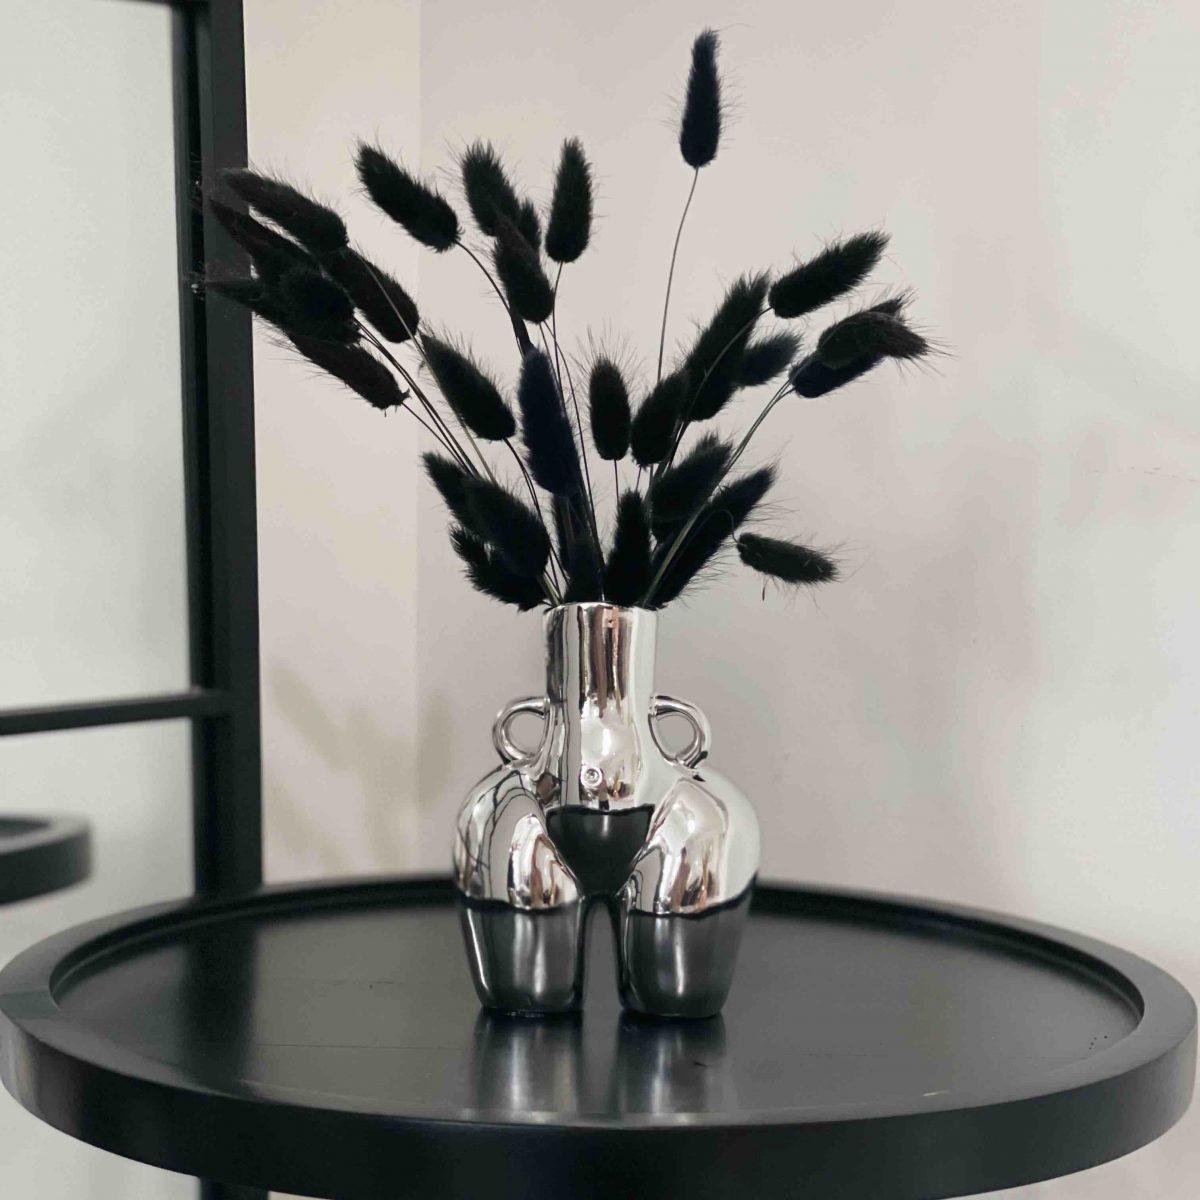 silver bum vase, booty vase, peachy vase, black bunny tails, female body vase